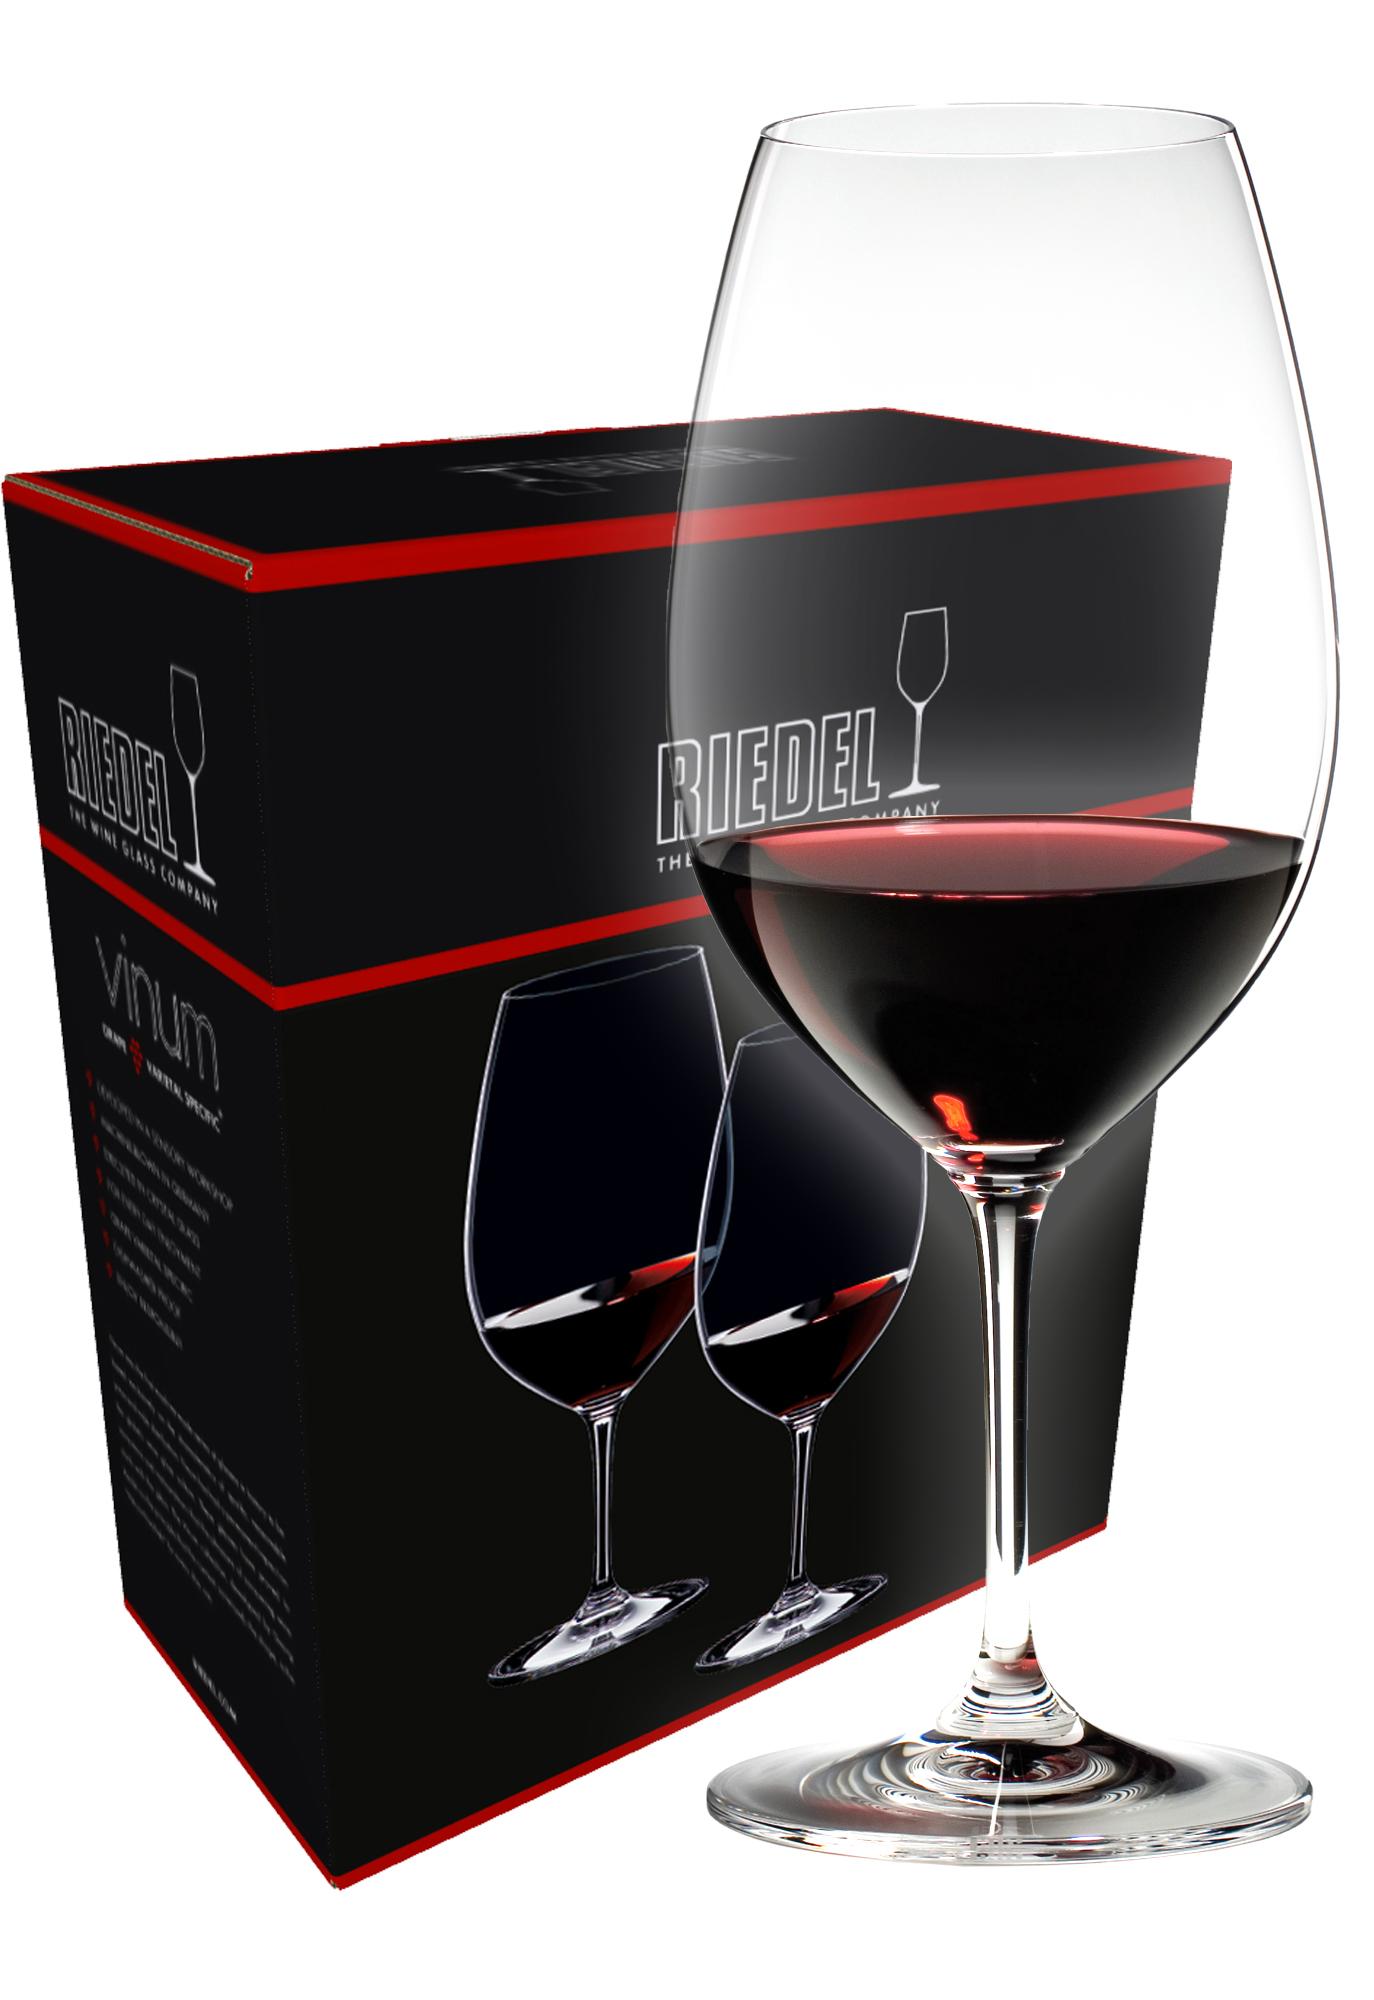 Riedel Vinum Syrah-Shiraz wijnglas (set van 2 voor € 44,90)